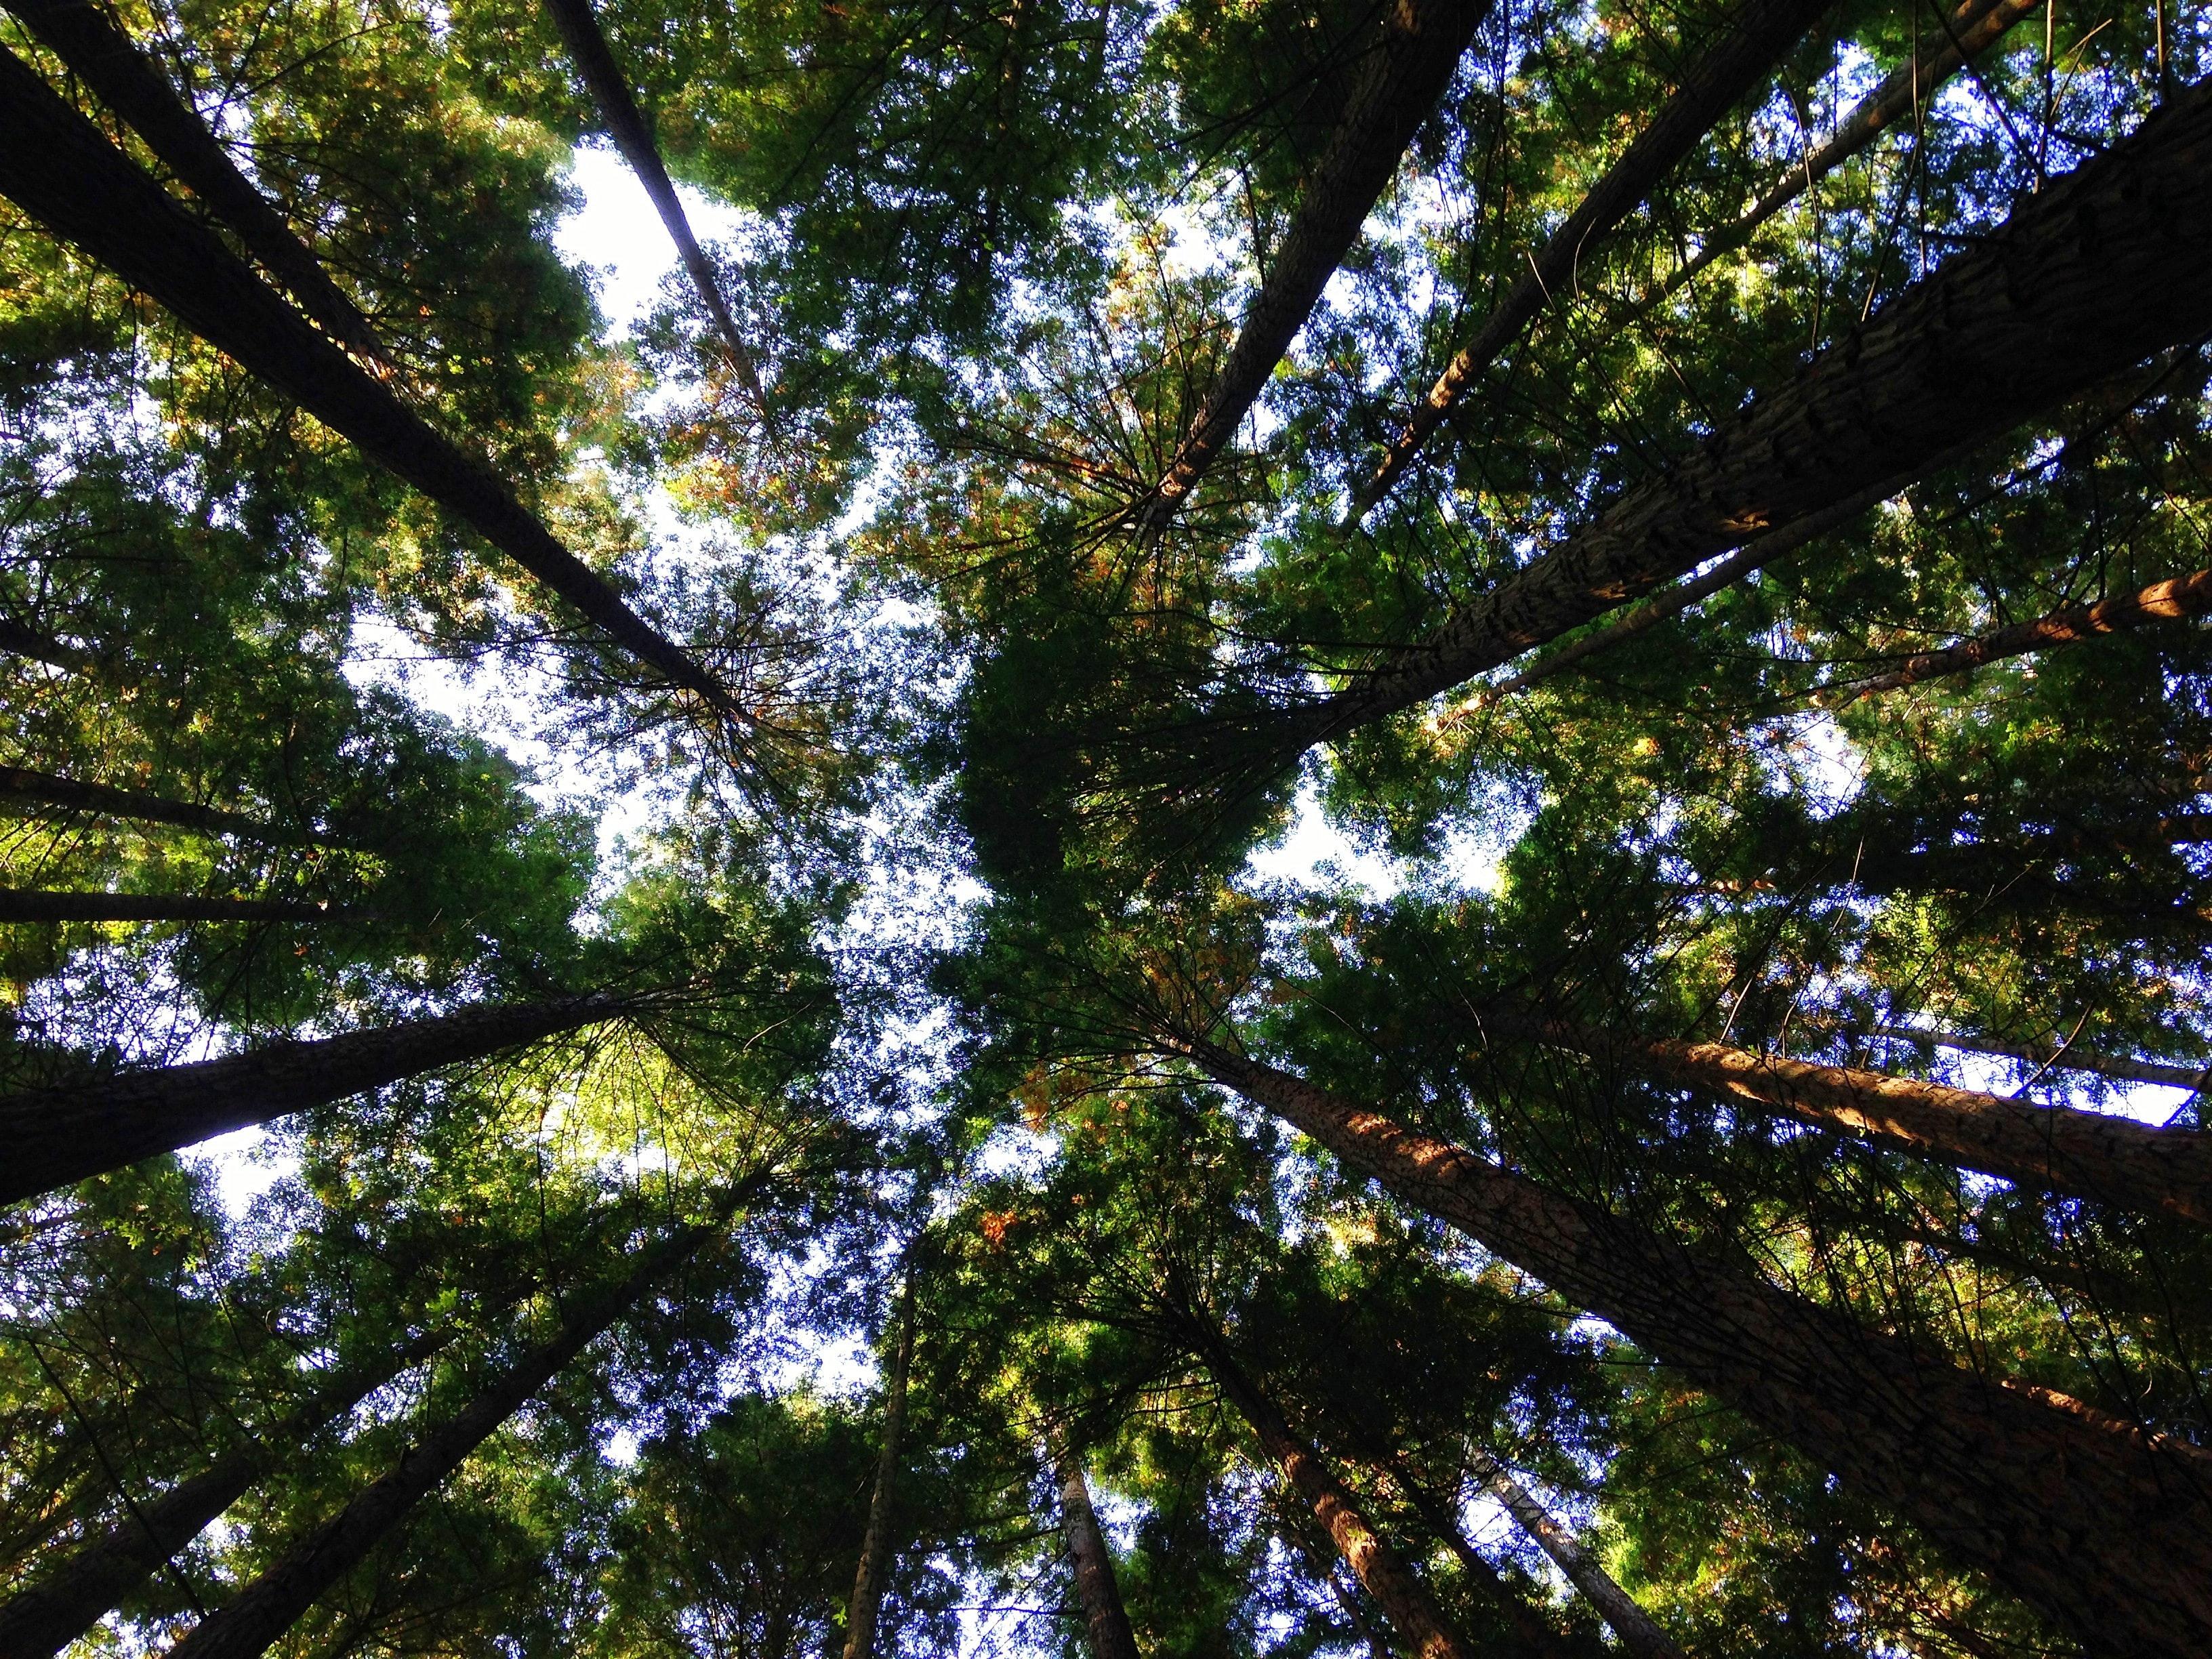 bosque desde el punto de vista de alguien que mira hacia el cielo